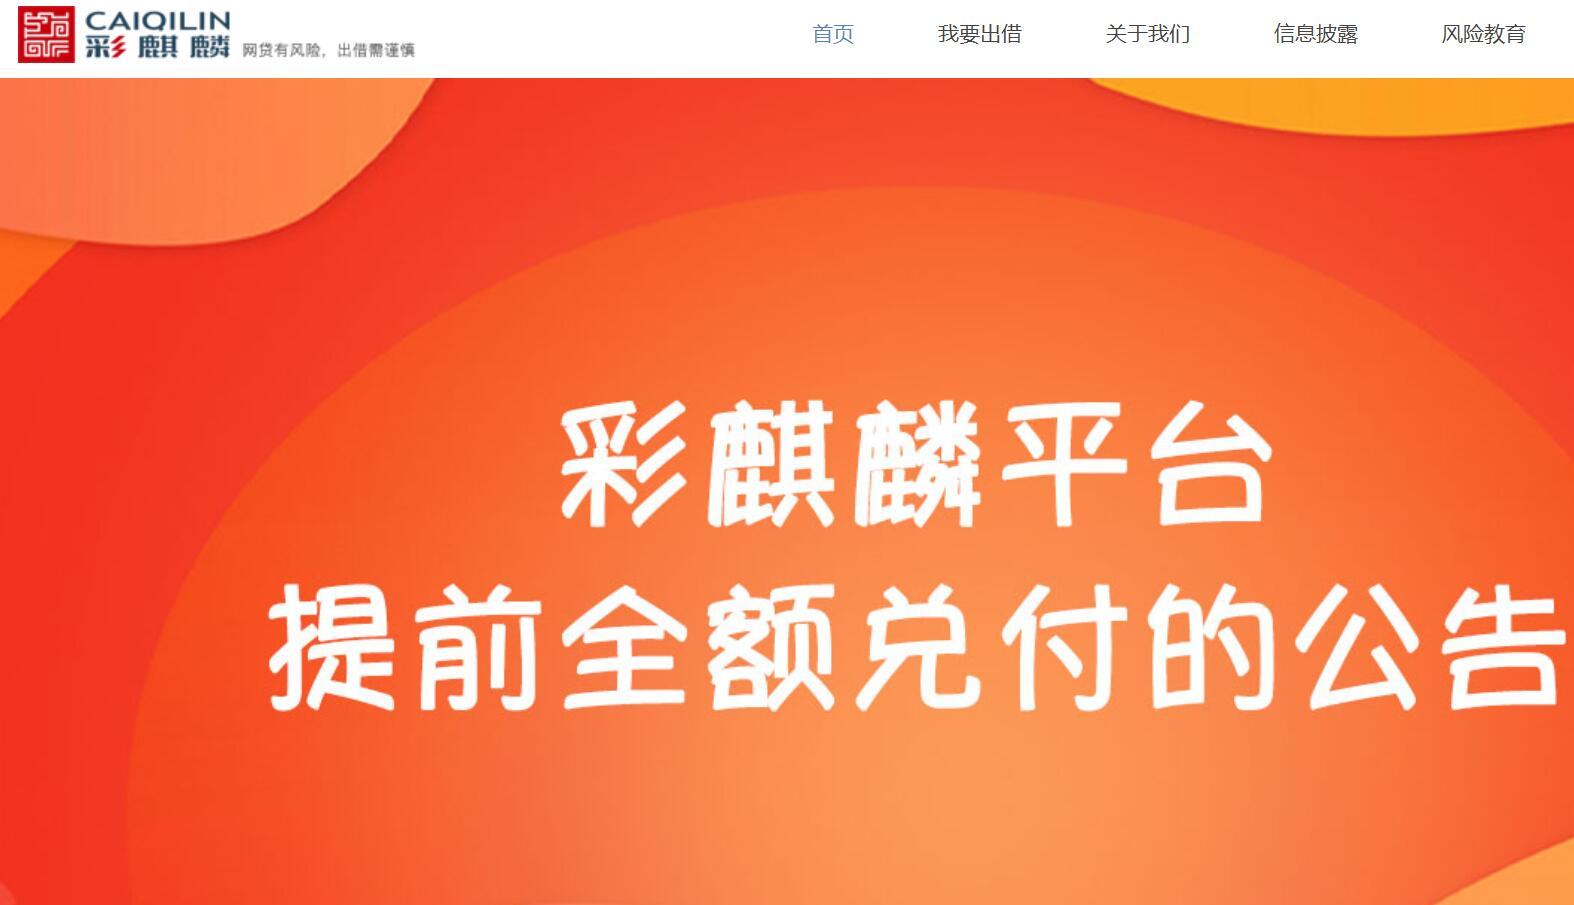 北京P2P彩麒麟官宣完成全额兑付启动转型:1个月内消化超5亿元存量